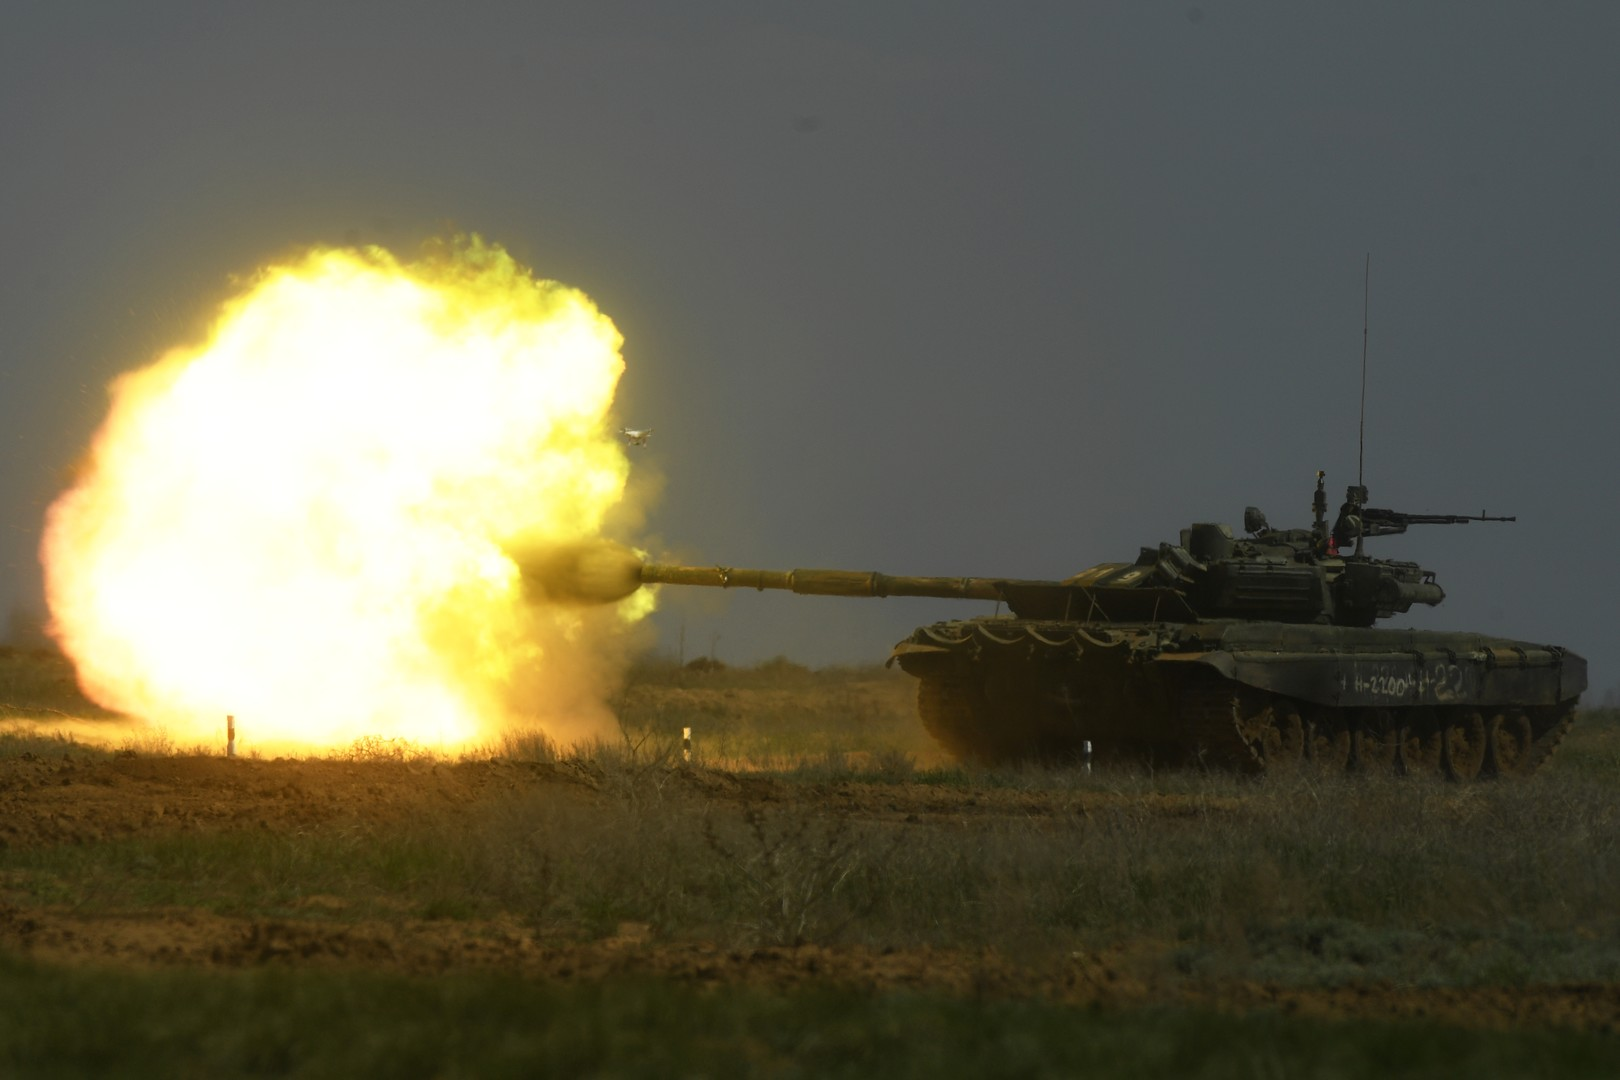 الجيش المصري عن تصنيع دبابة